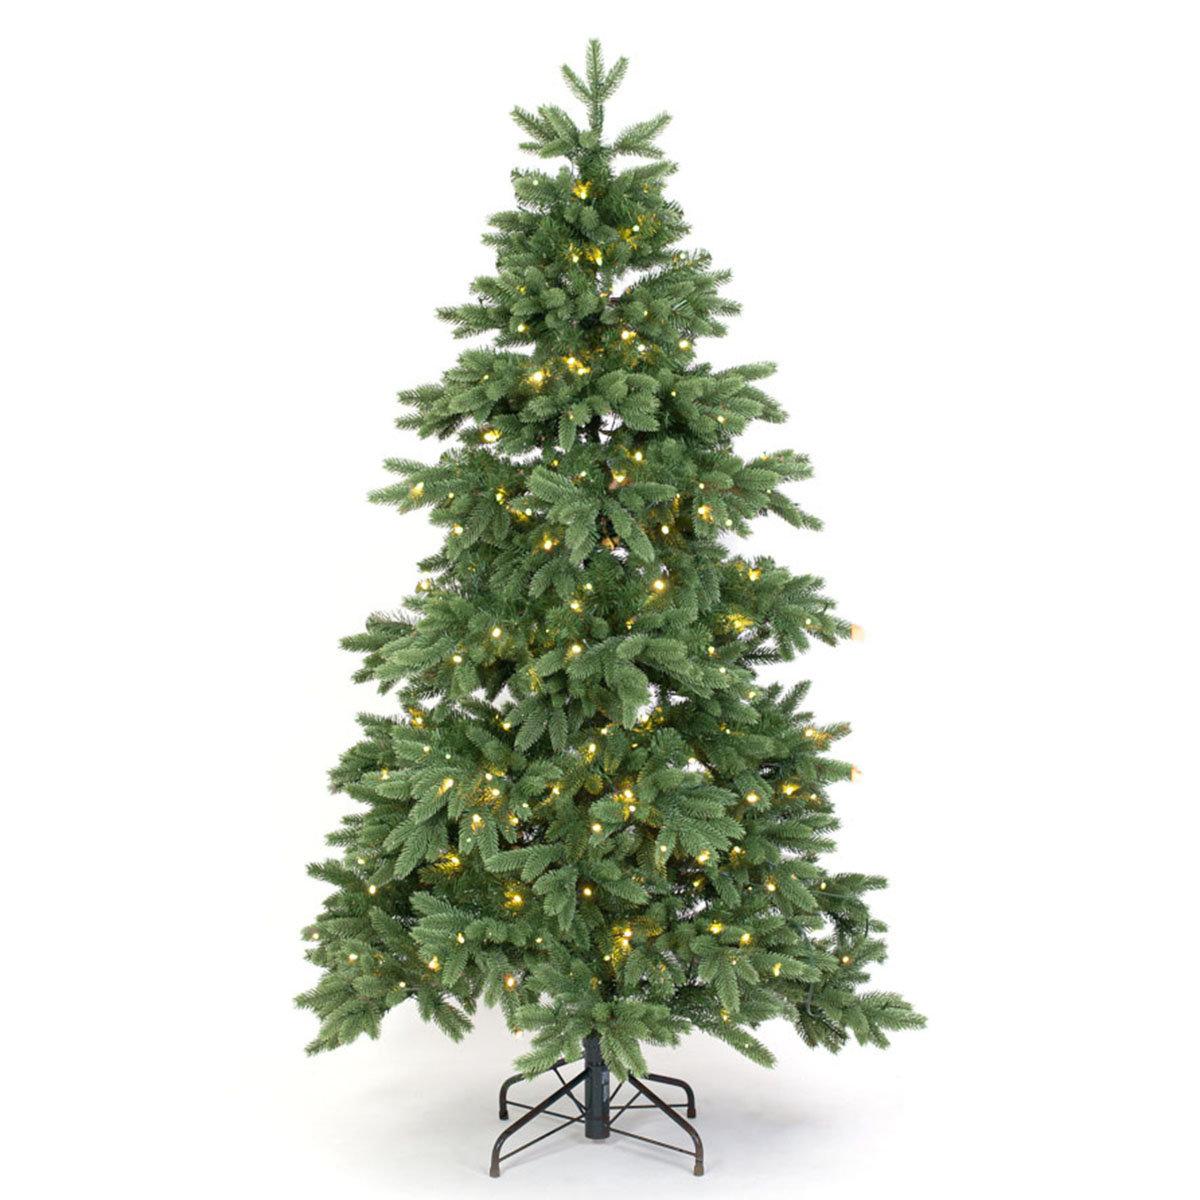 Künstlicher Weihnachtsbaum Kiefer mit LED-Beleuchtung, 180 cm | #3